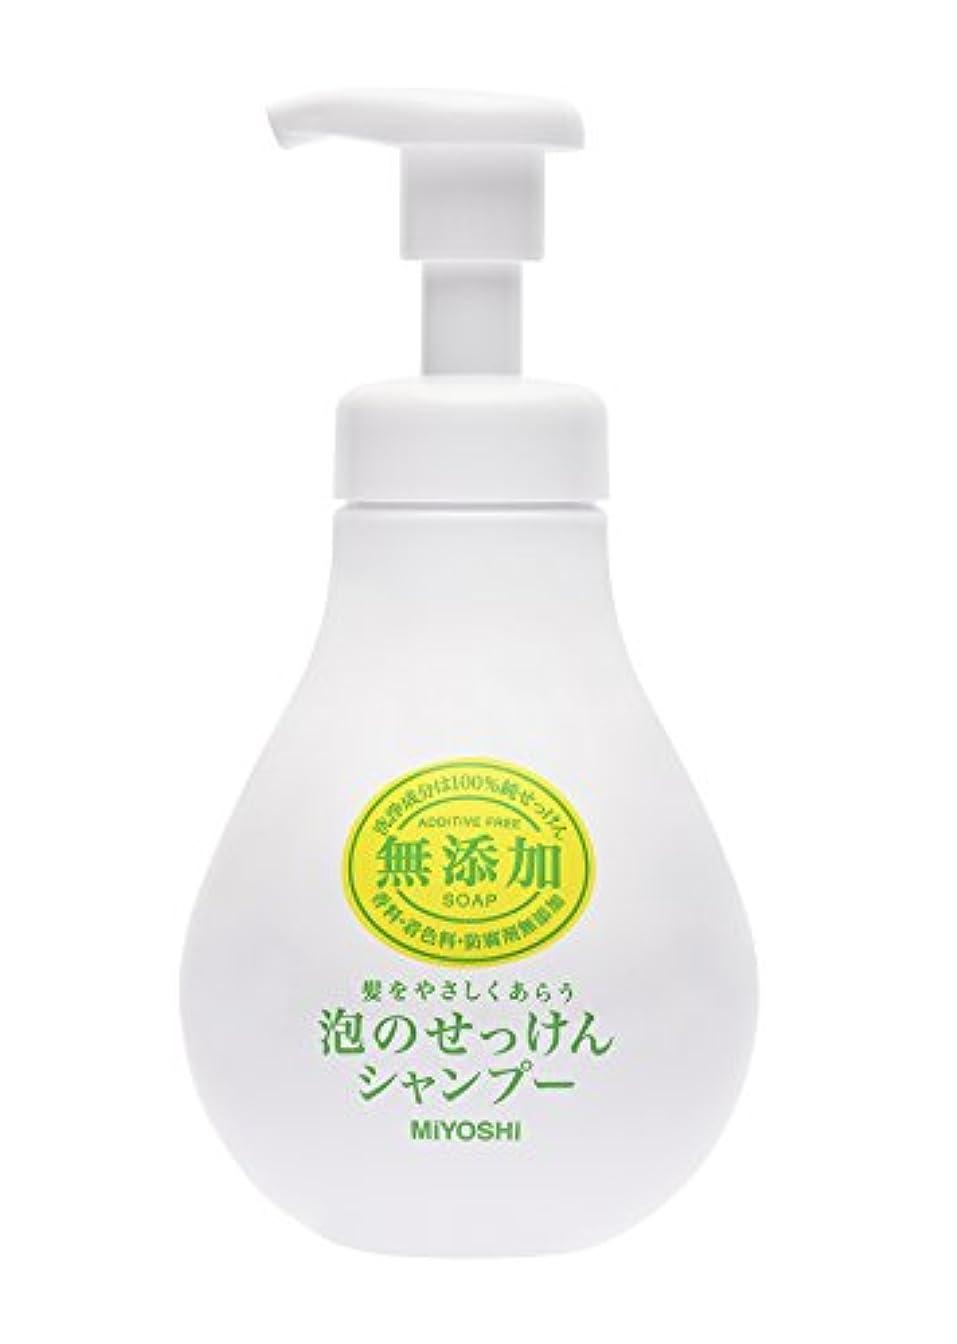 社員具体的に委任ミヨシ石鹸 無添加 泡のせっけんシャンプー シャンプー本体 500mL